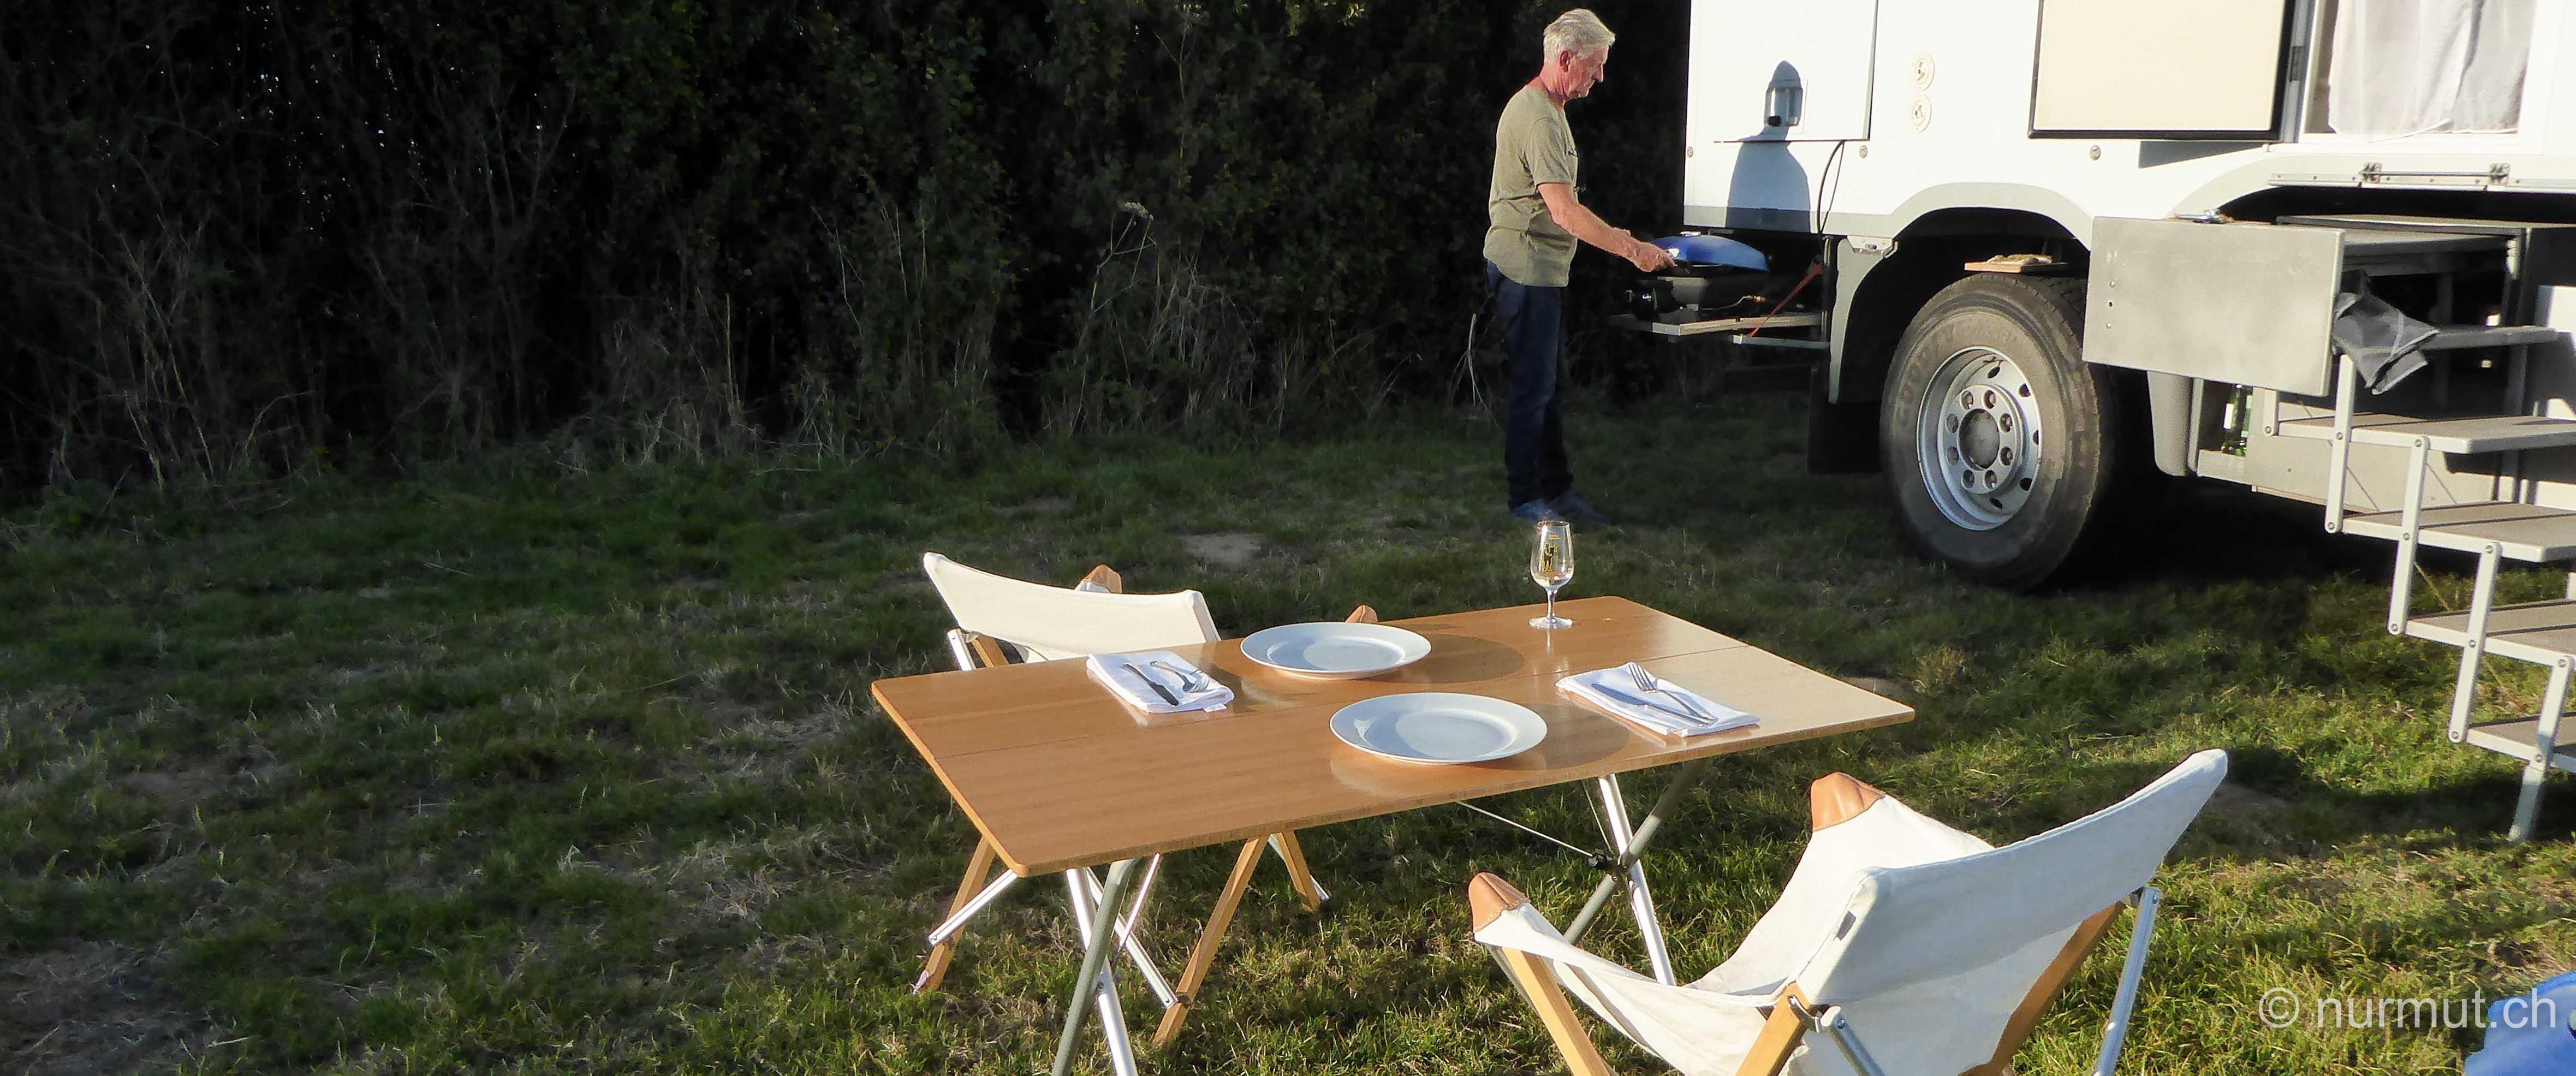 norden frankreichs-nordfrankreich-wohnmobil-wandern mit hund-normandie-expeditionsmobil